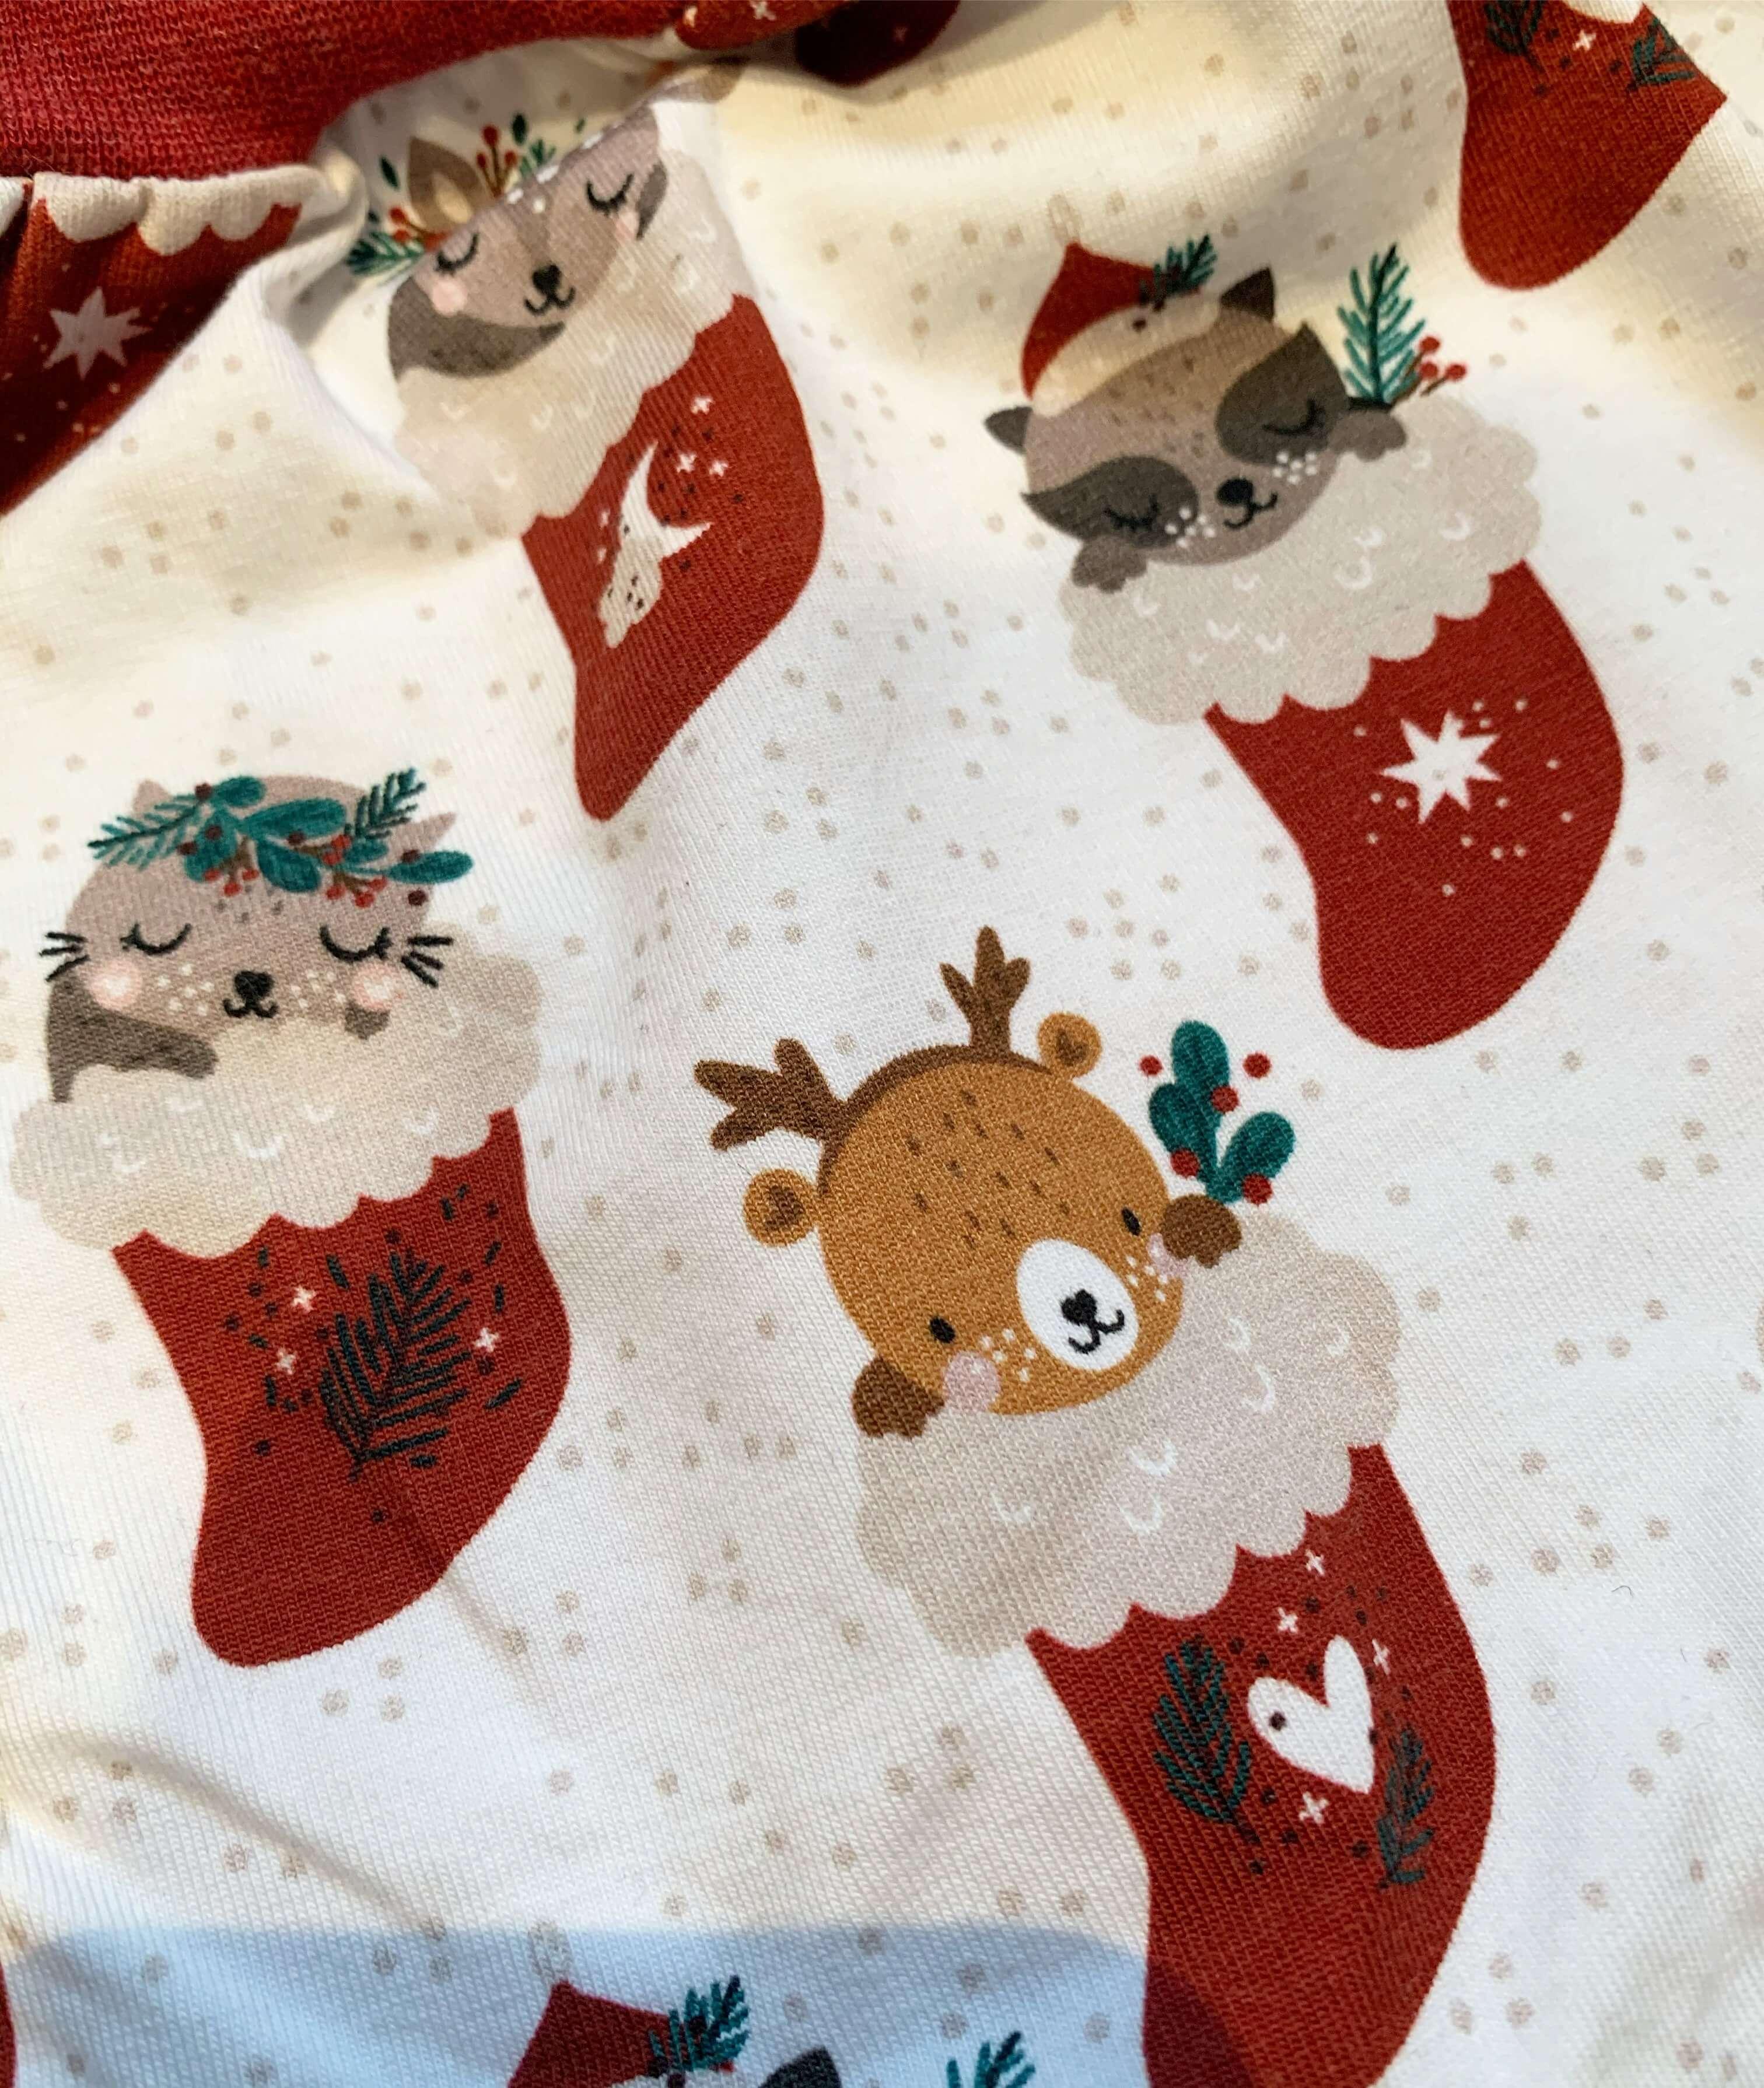 Ludos Lieblinge Weihnachtstierchen